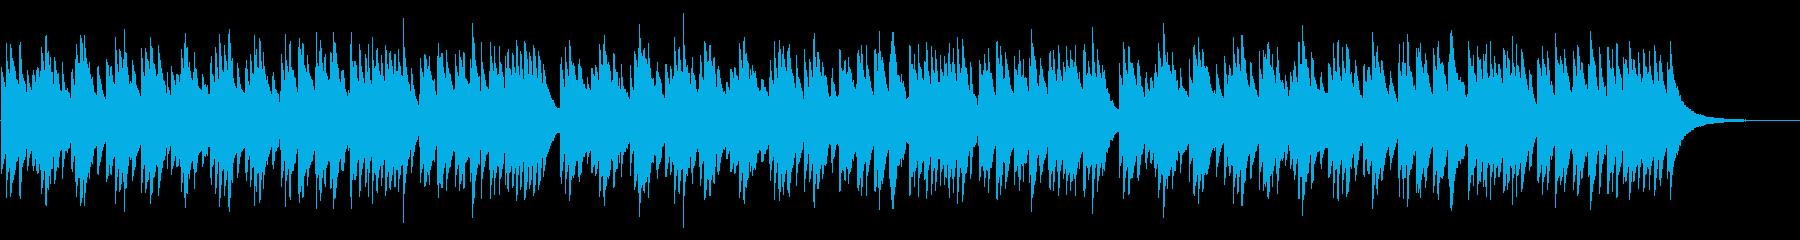 ジングルベル 72弁オルゴールの再生済みの波形